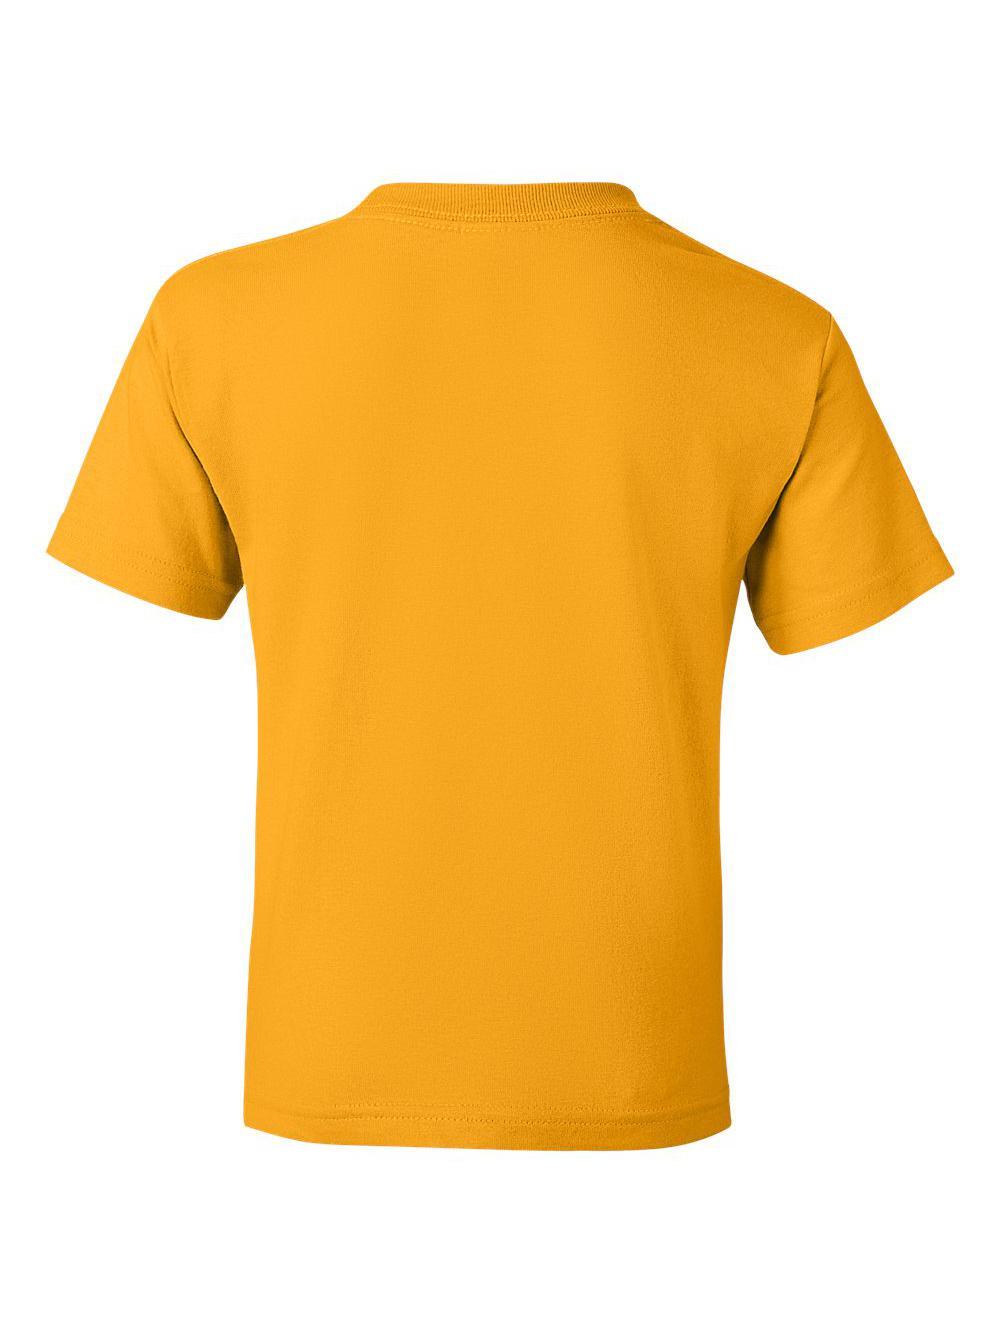 Gildan-DryBlend-Youth-50-50-T-Shirt-8000B thumbnail 28